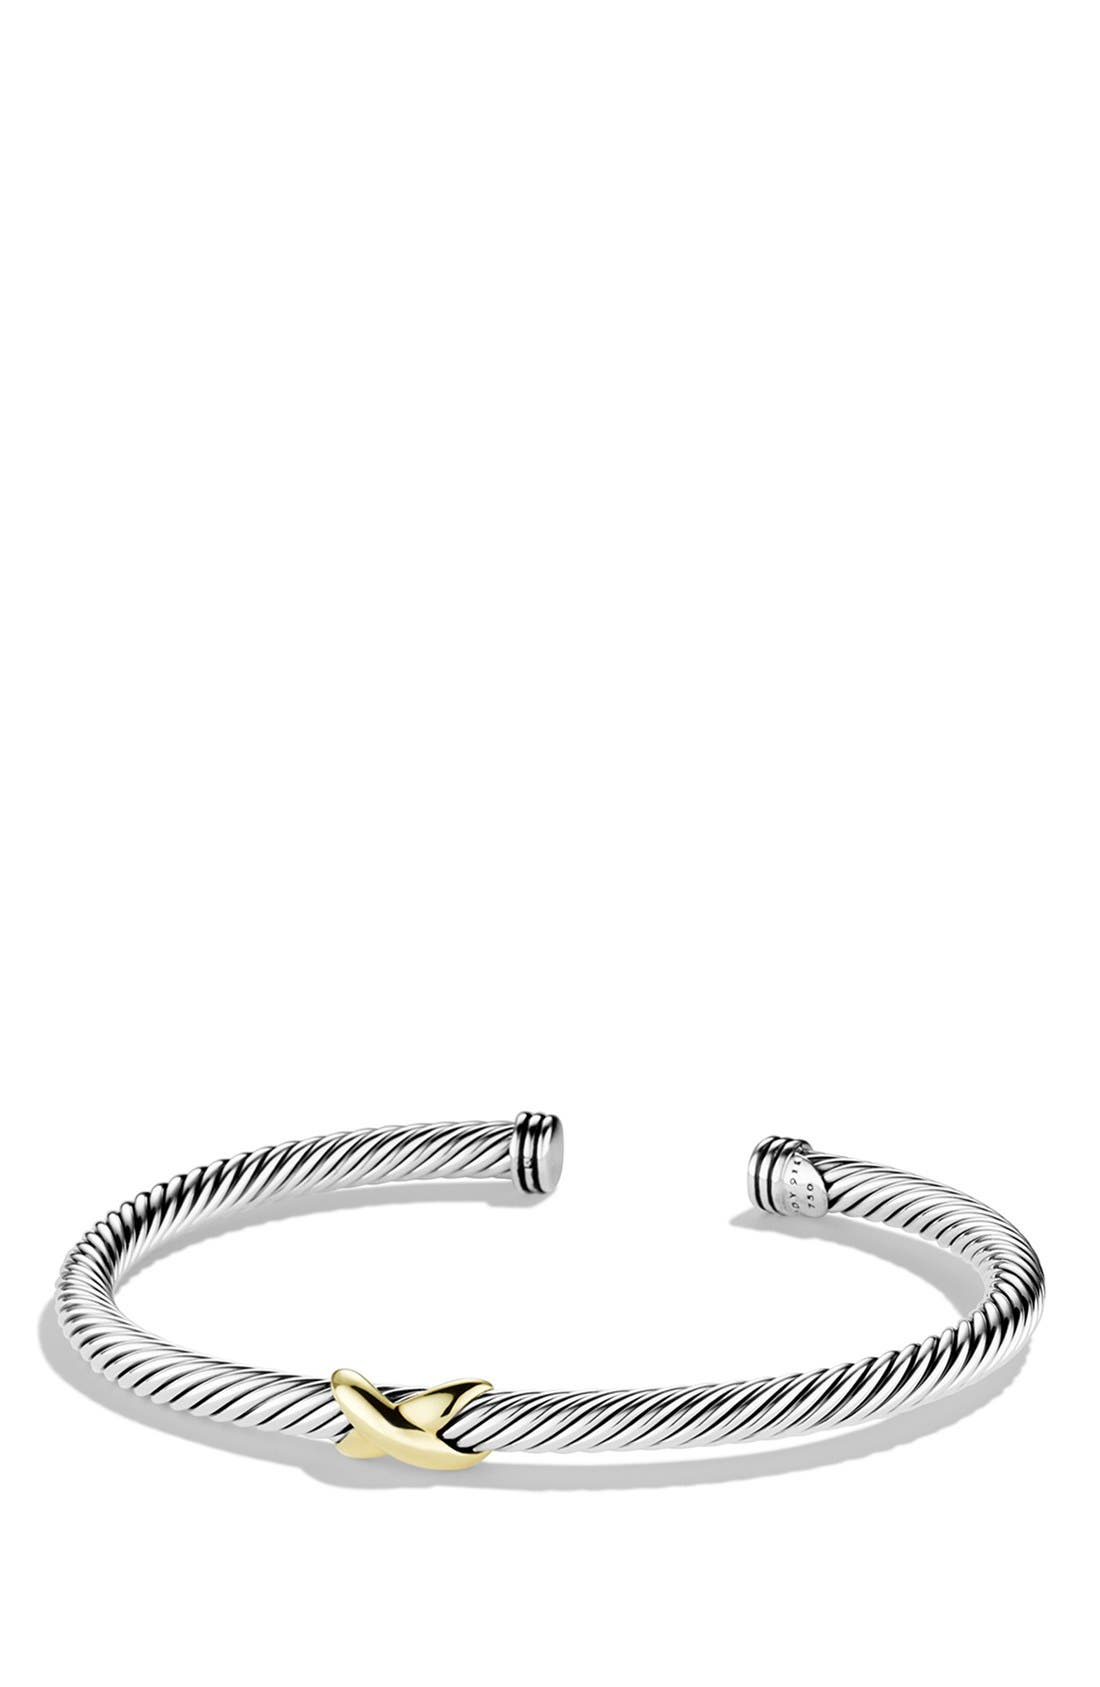 David Yurman 'X' Bracelet with Gold